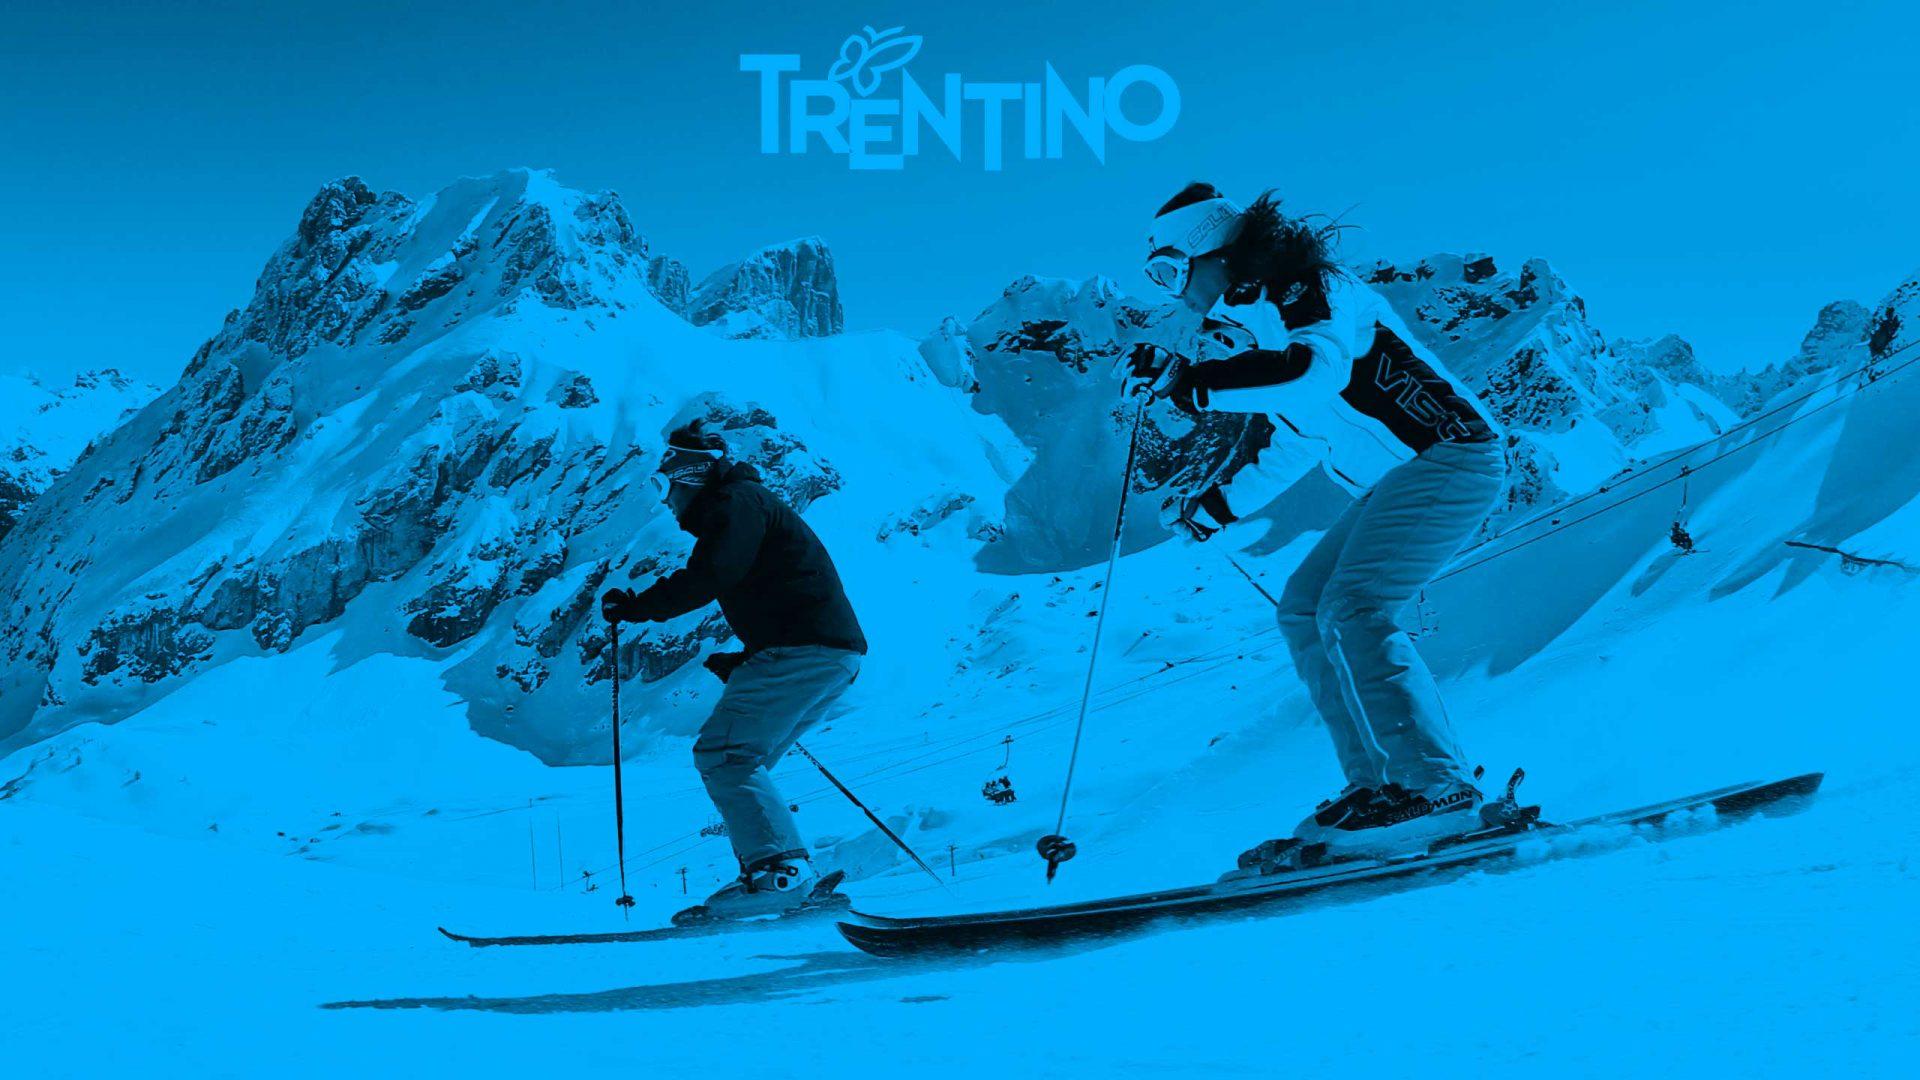 concorso Trentino